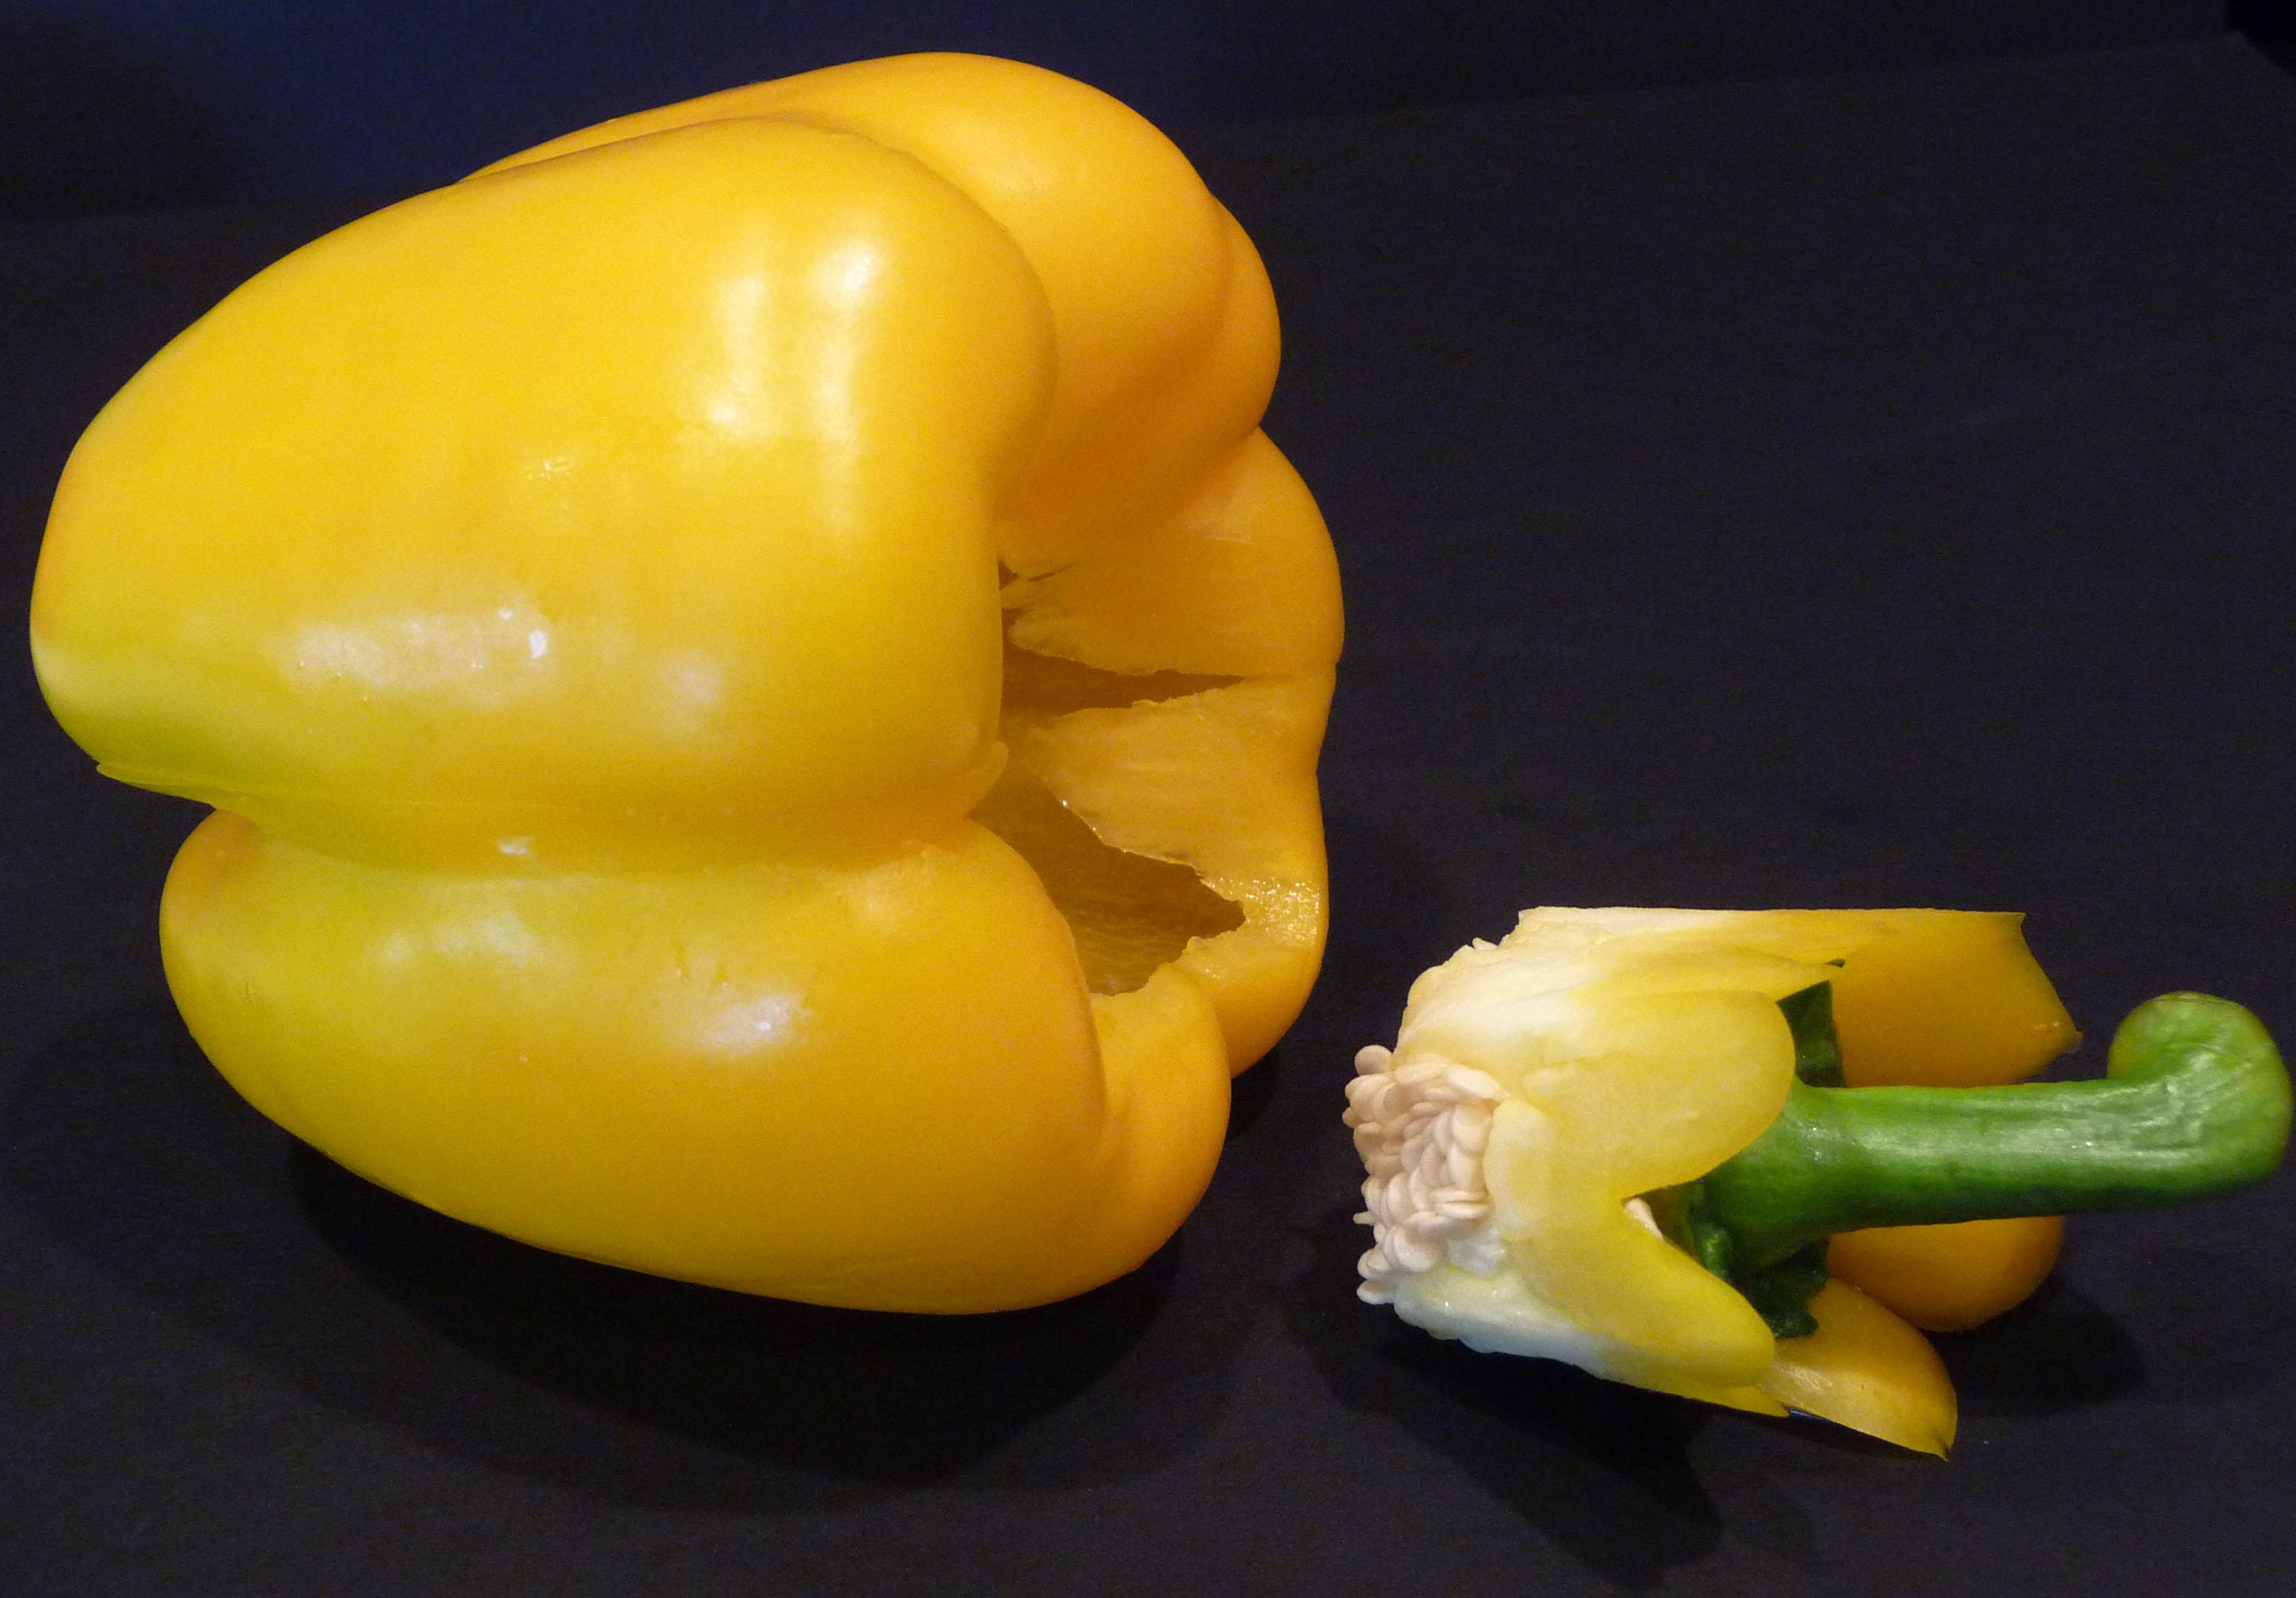 How to core a bell pepper (c) jfhaugen